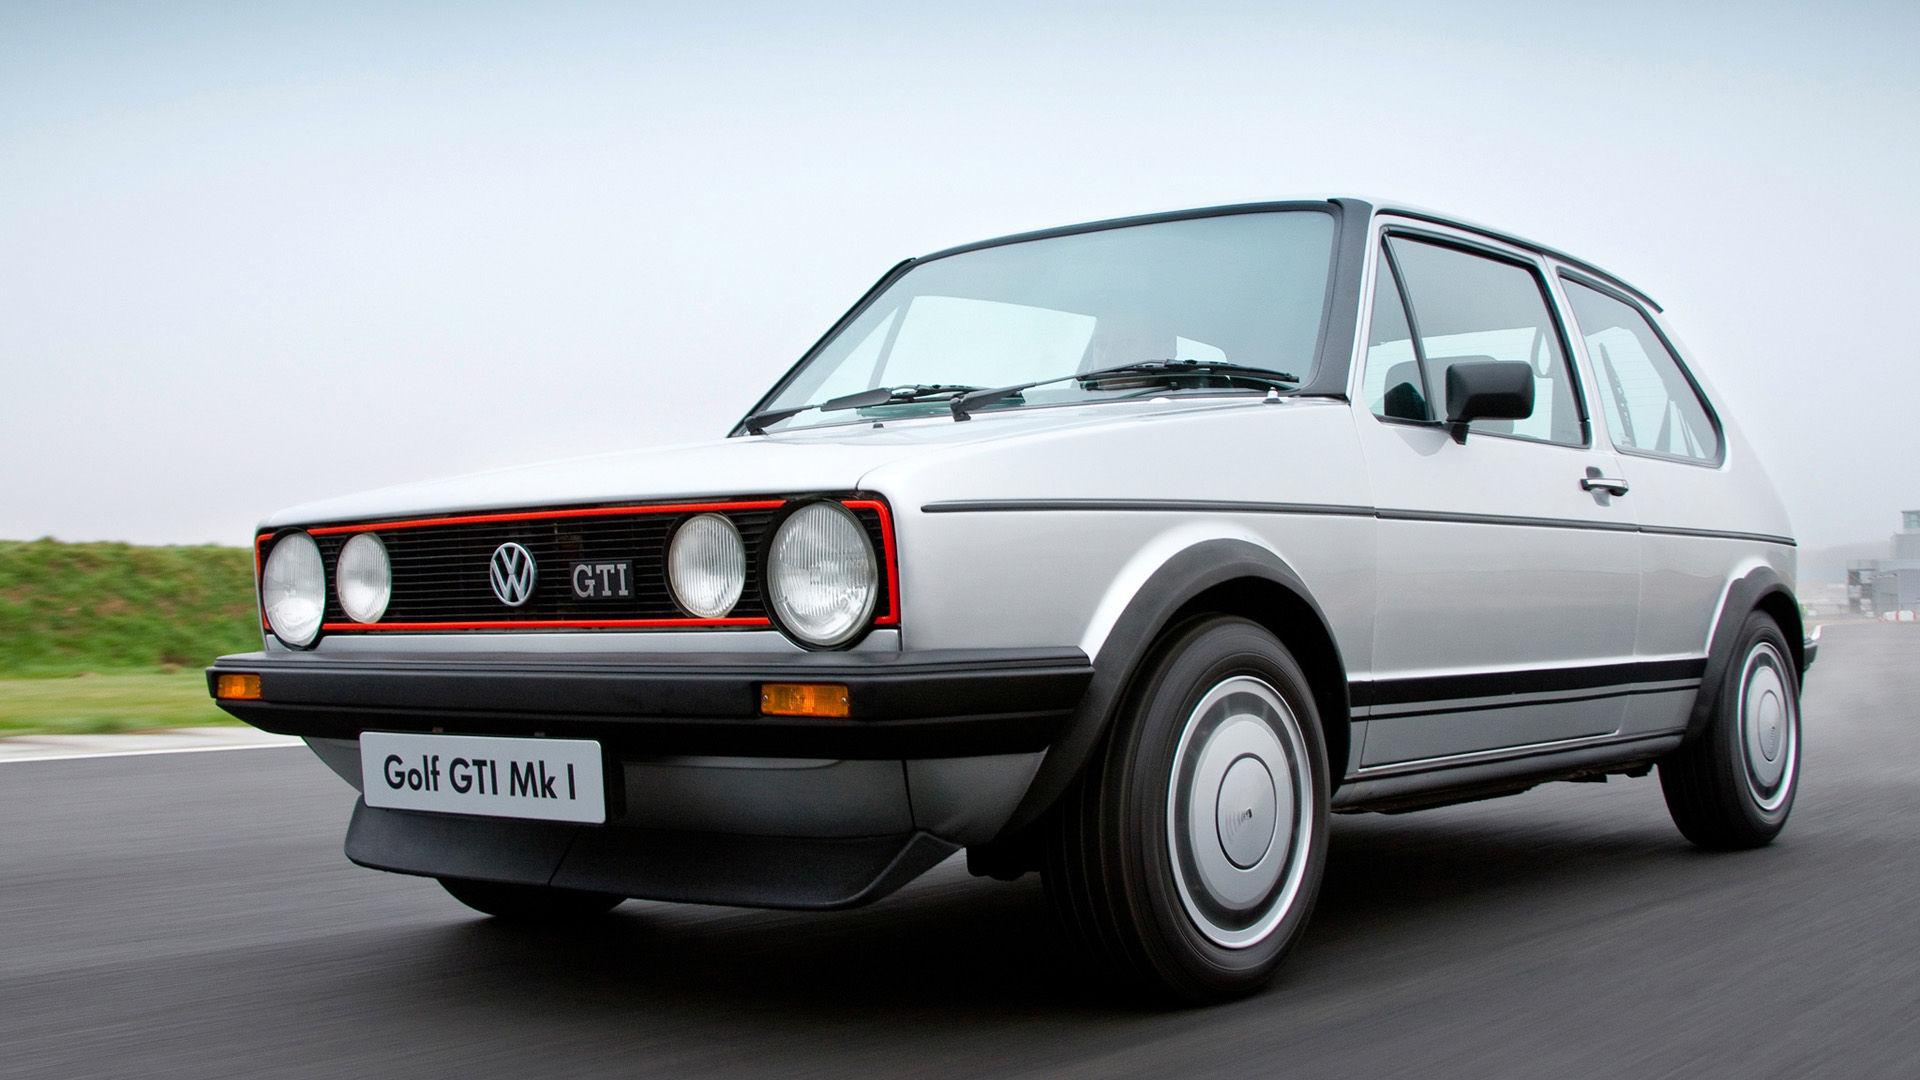 1983 Volkswagen Golf GTI Pirelli